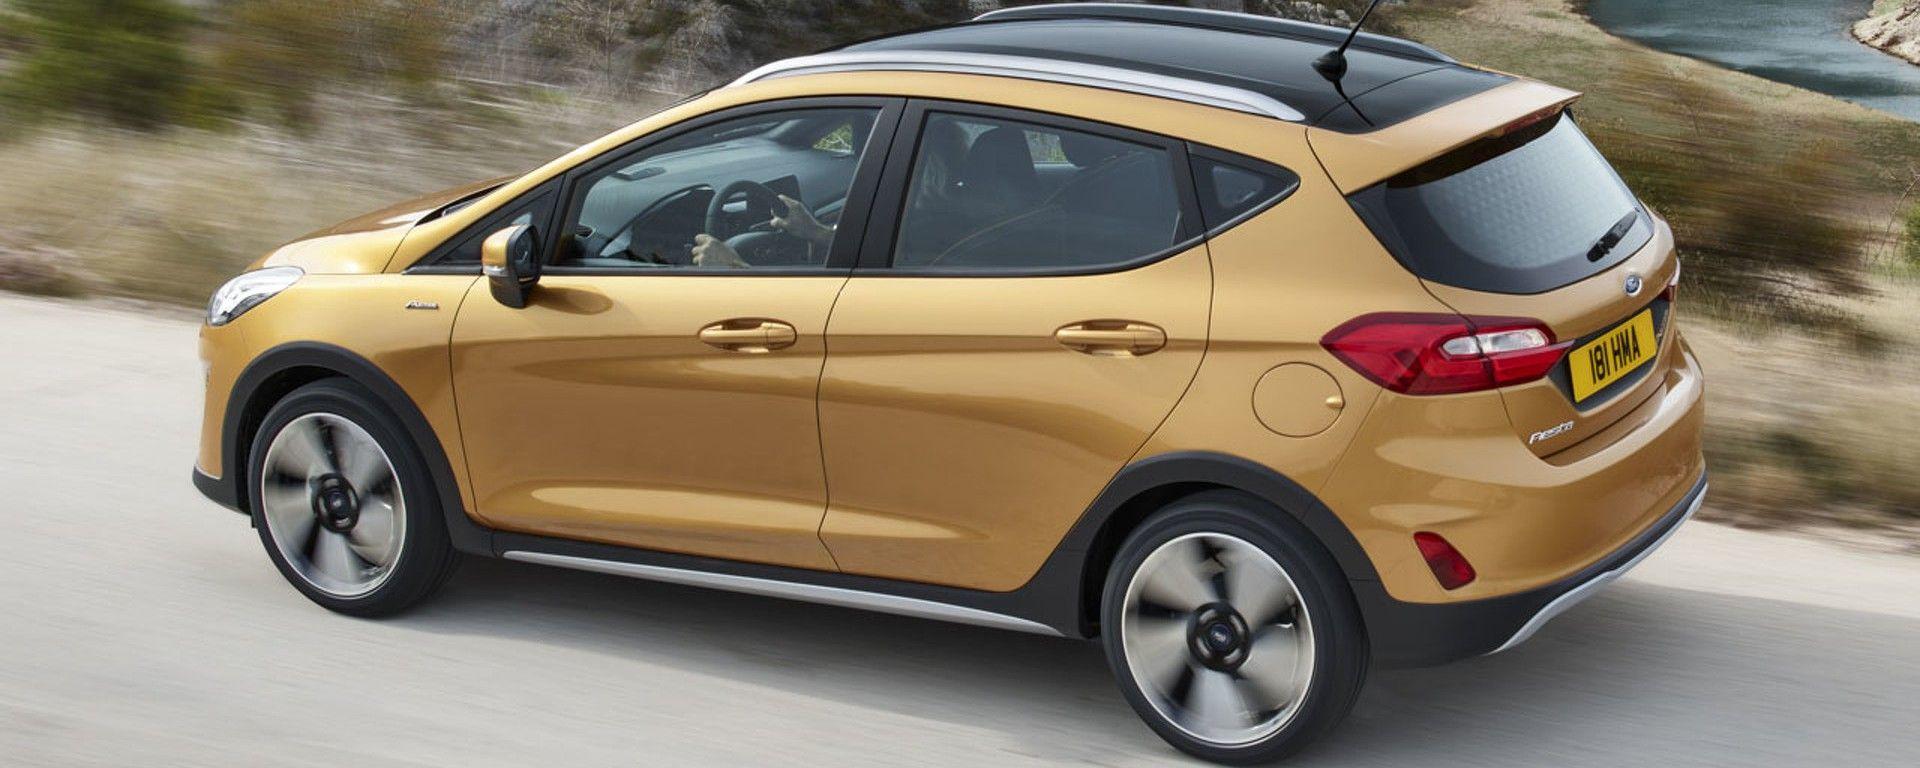 Nuova Ford Fiesta, ha protezioni in plastica nella parti basse della carrozzeria